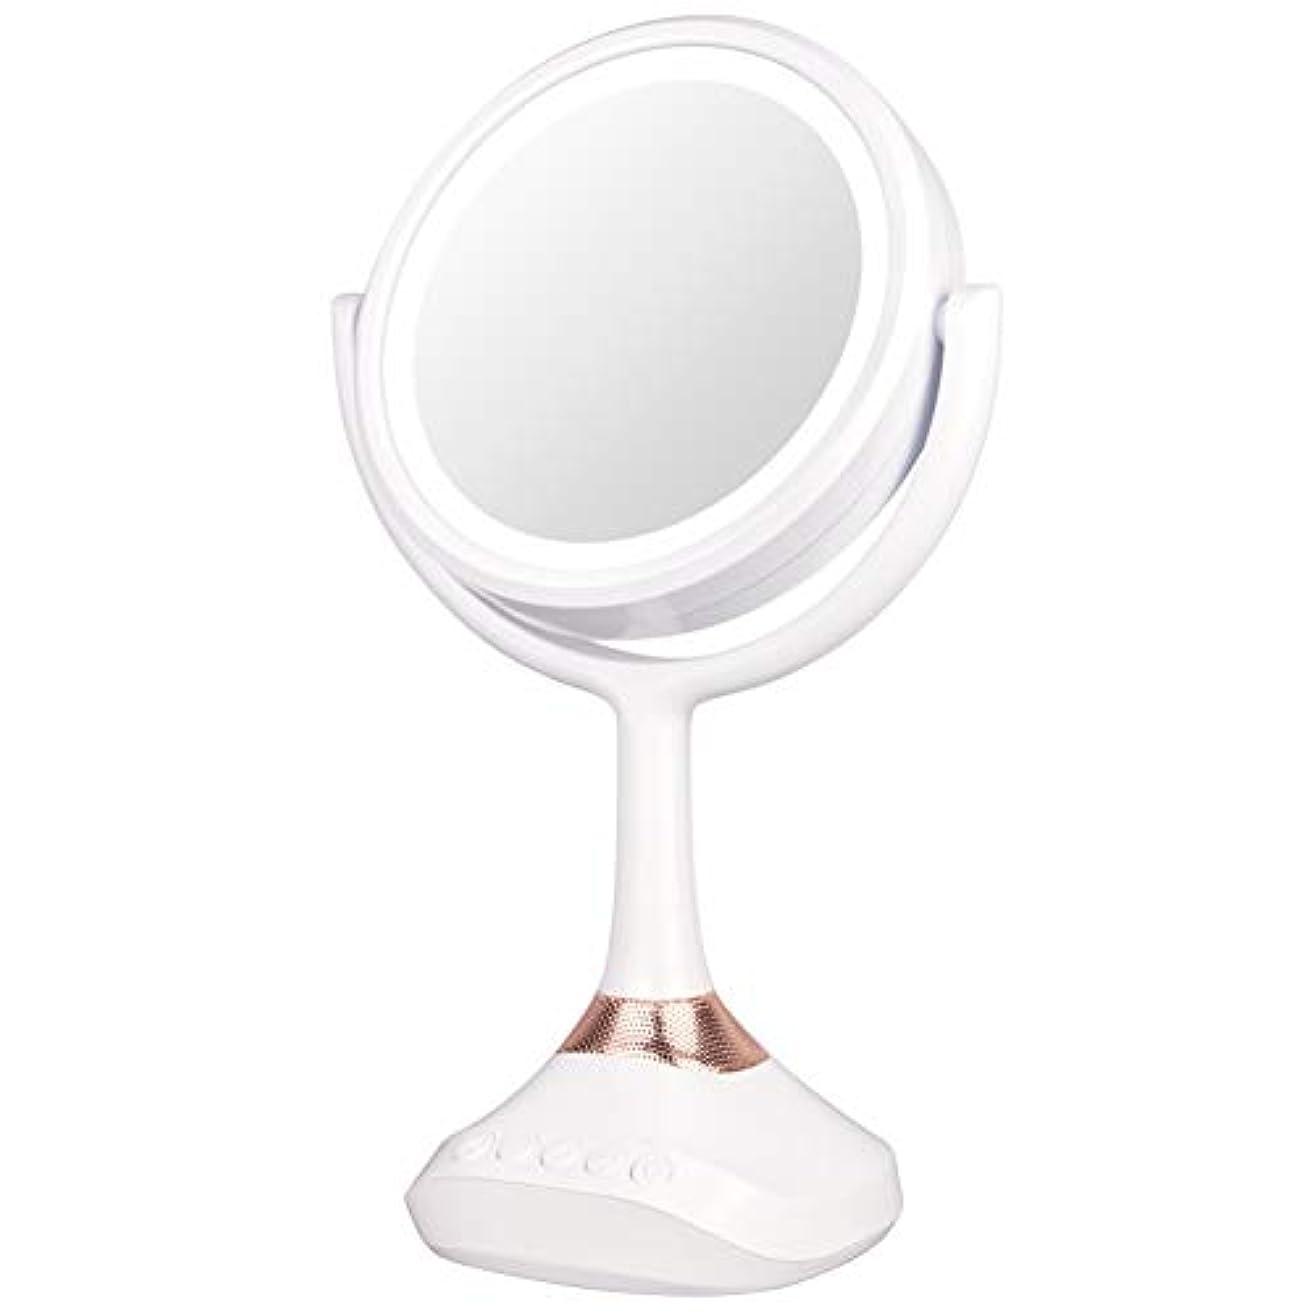 責める堂々たる属するXJZxX ブルートゥースLED音楽ミラー卓上化粧台ミラー付きスピーカー照明付き化粧鏡ライト付き化粧鏡 -美容アクセサリー